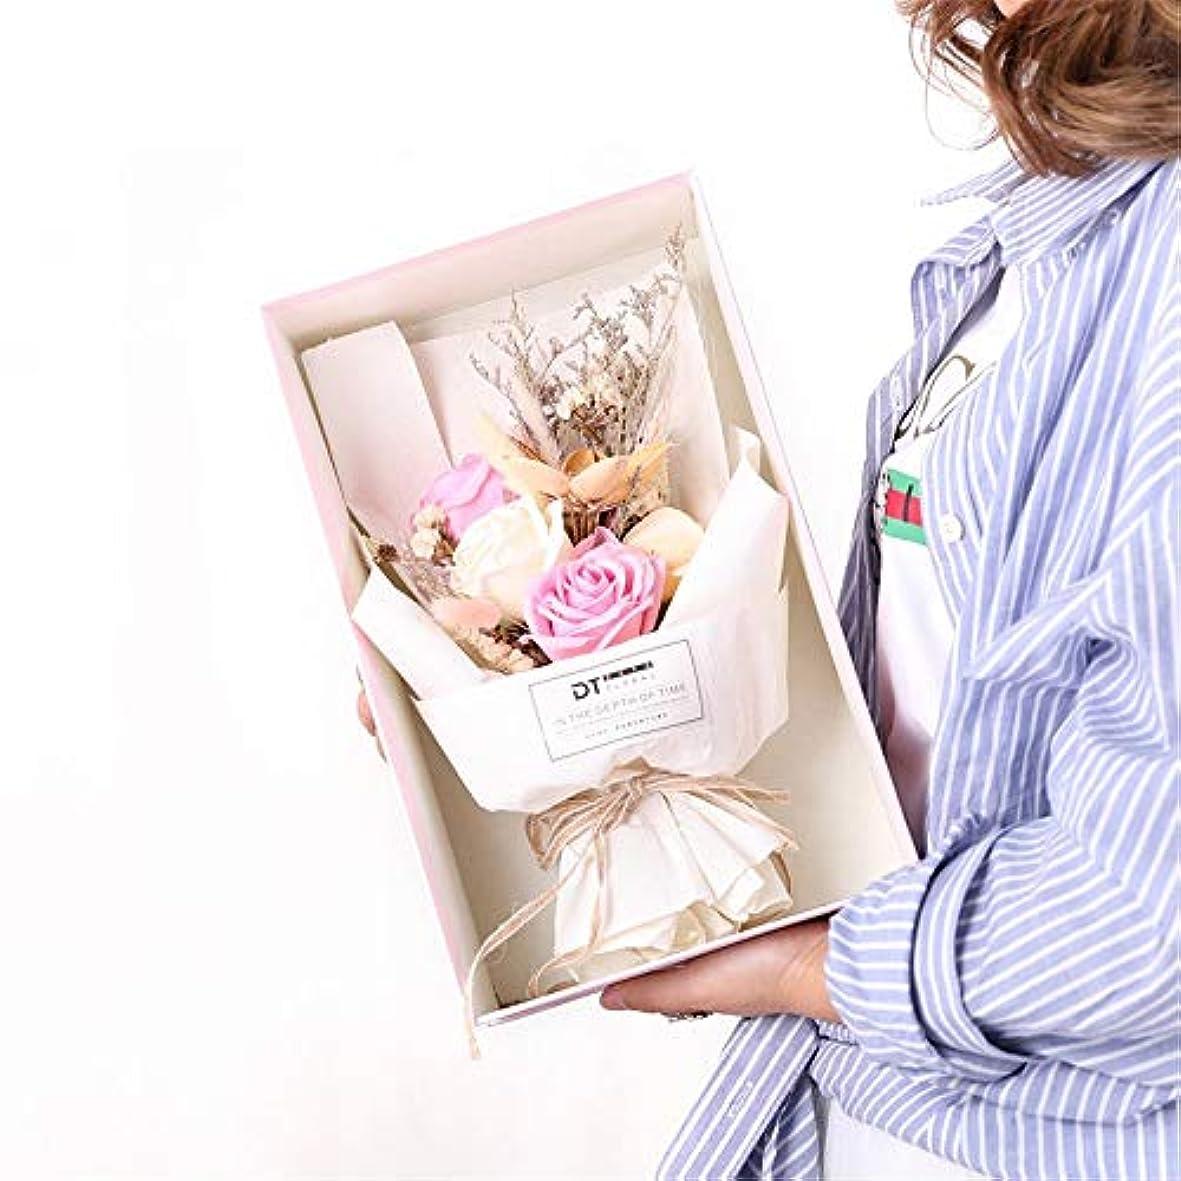 める願望セッティング手作りのバラ石鹸フラワーブーケのギフトボックス、女性のためのギフトバレンタインデー、母の日、結婚式、クリスマス、誕生日を愛した女の子 (色 : ピンク)